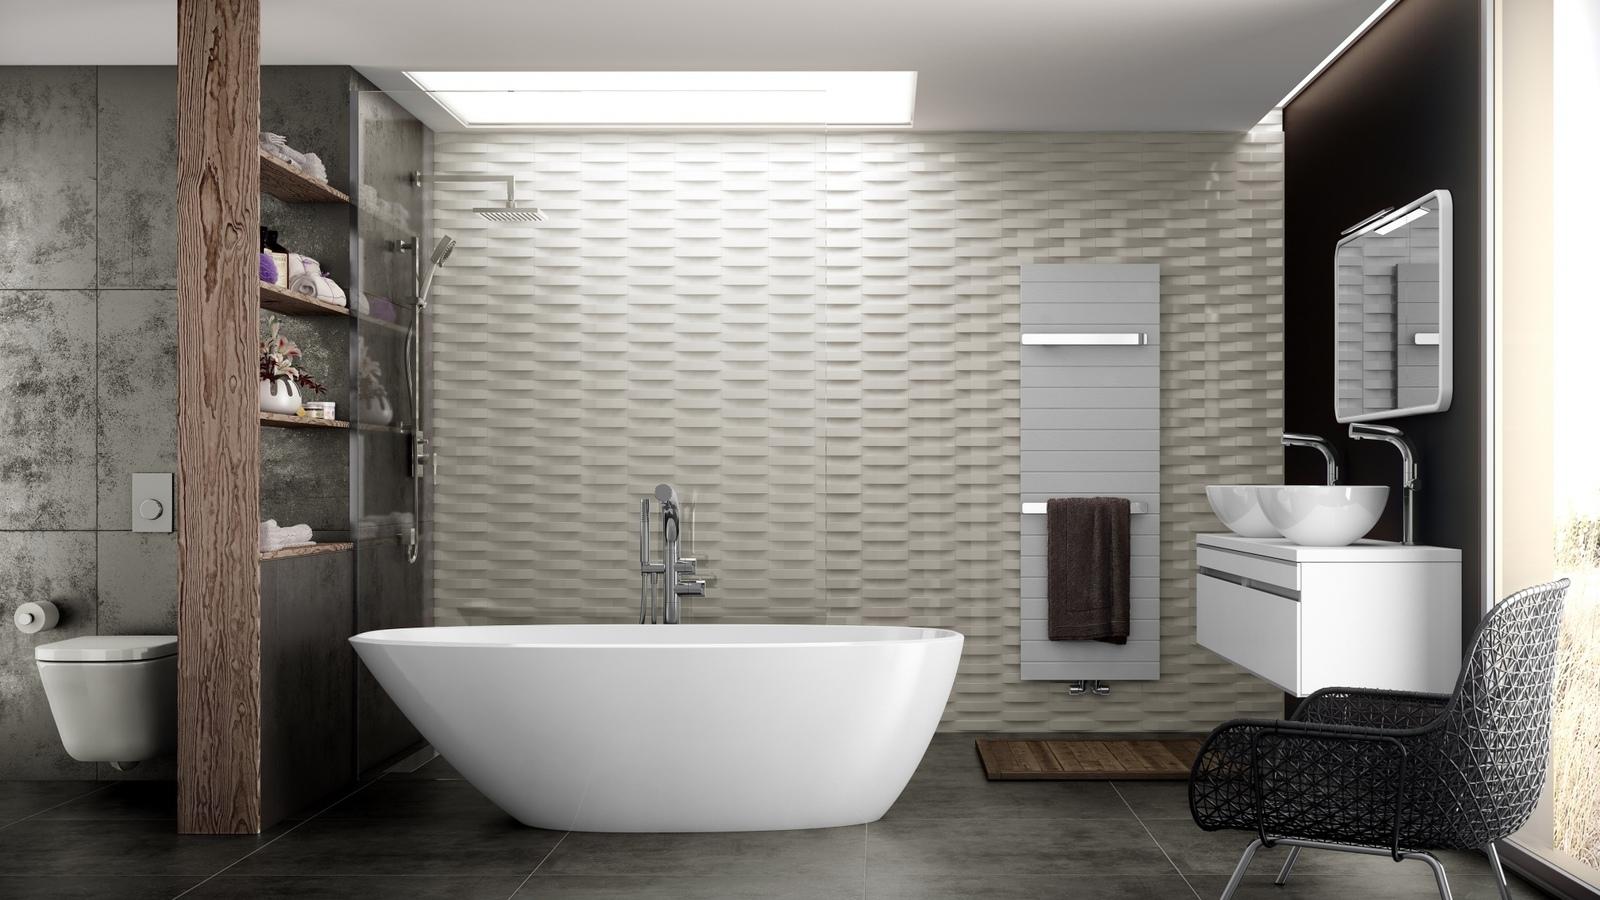 Встроенное освещение в ванной